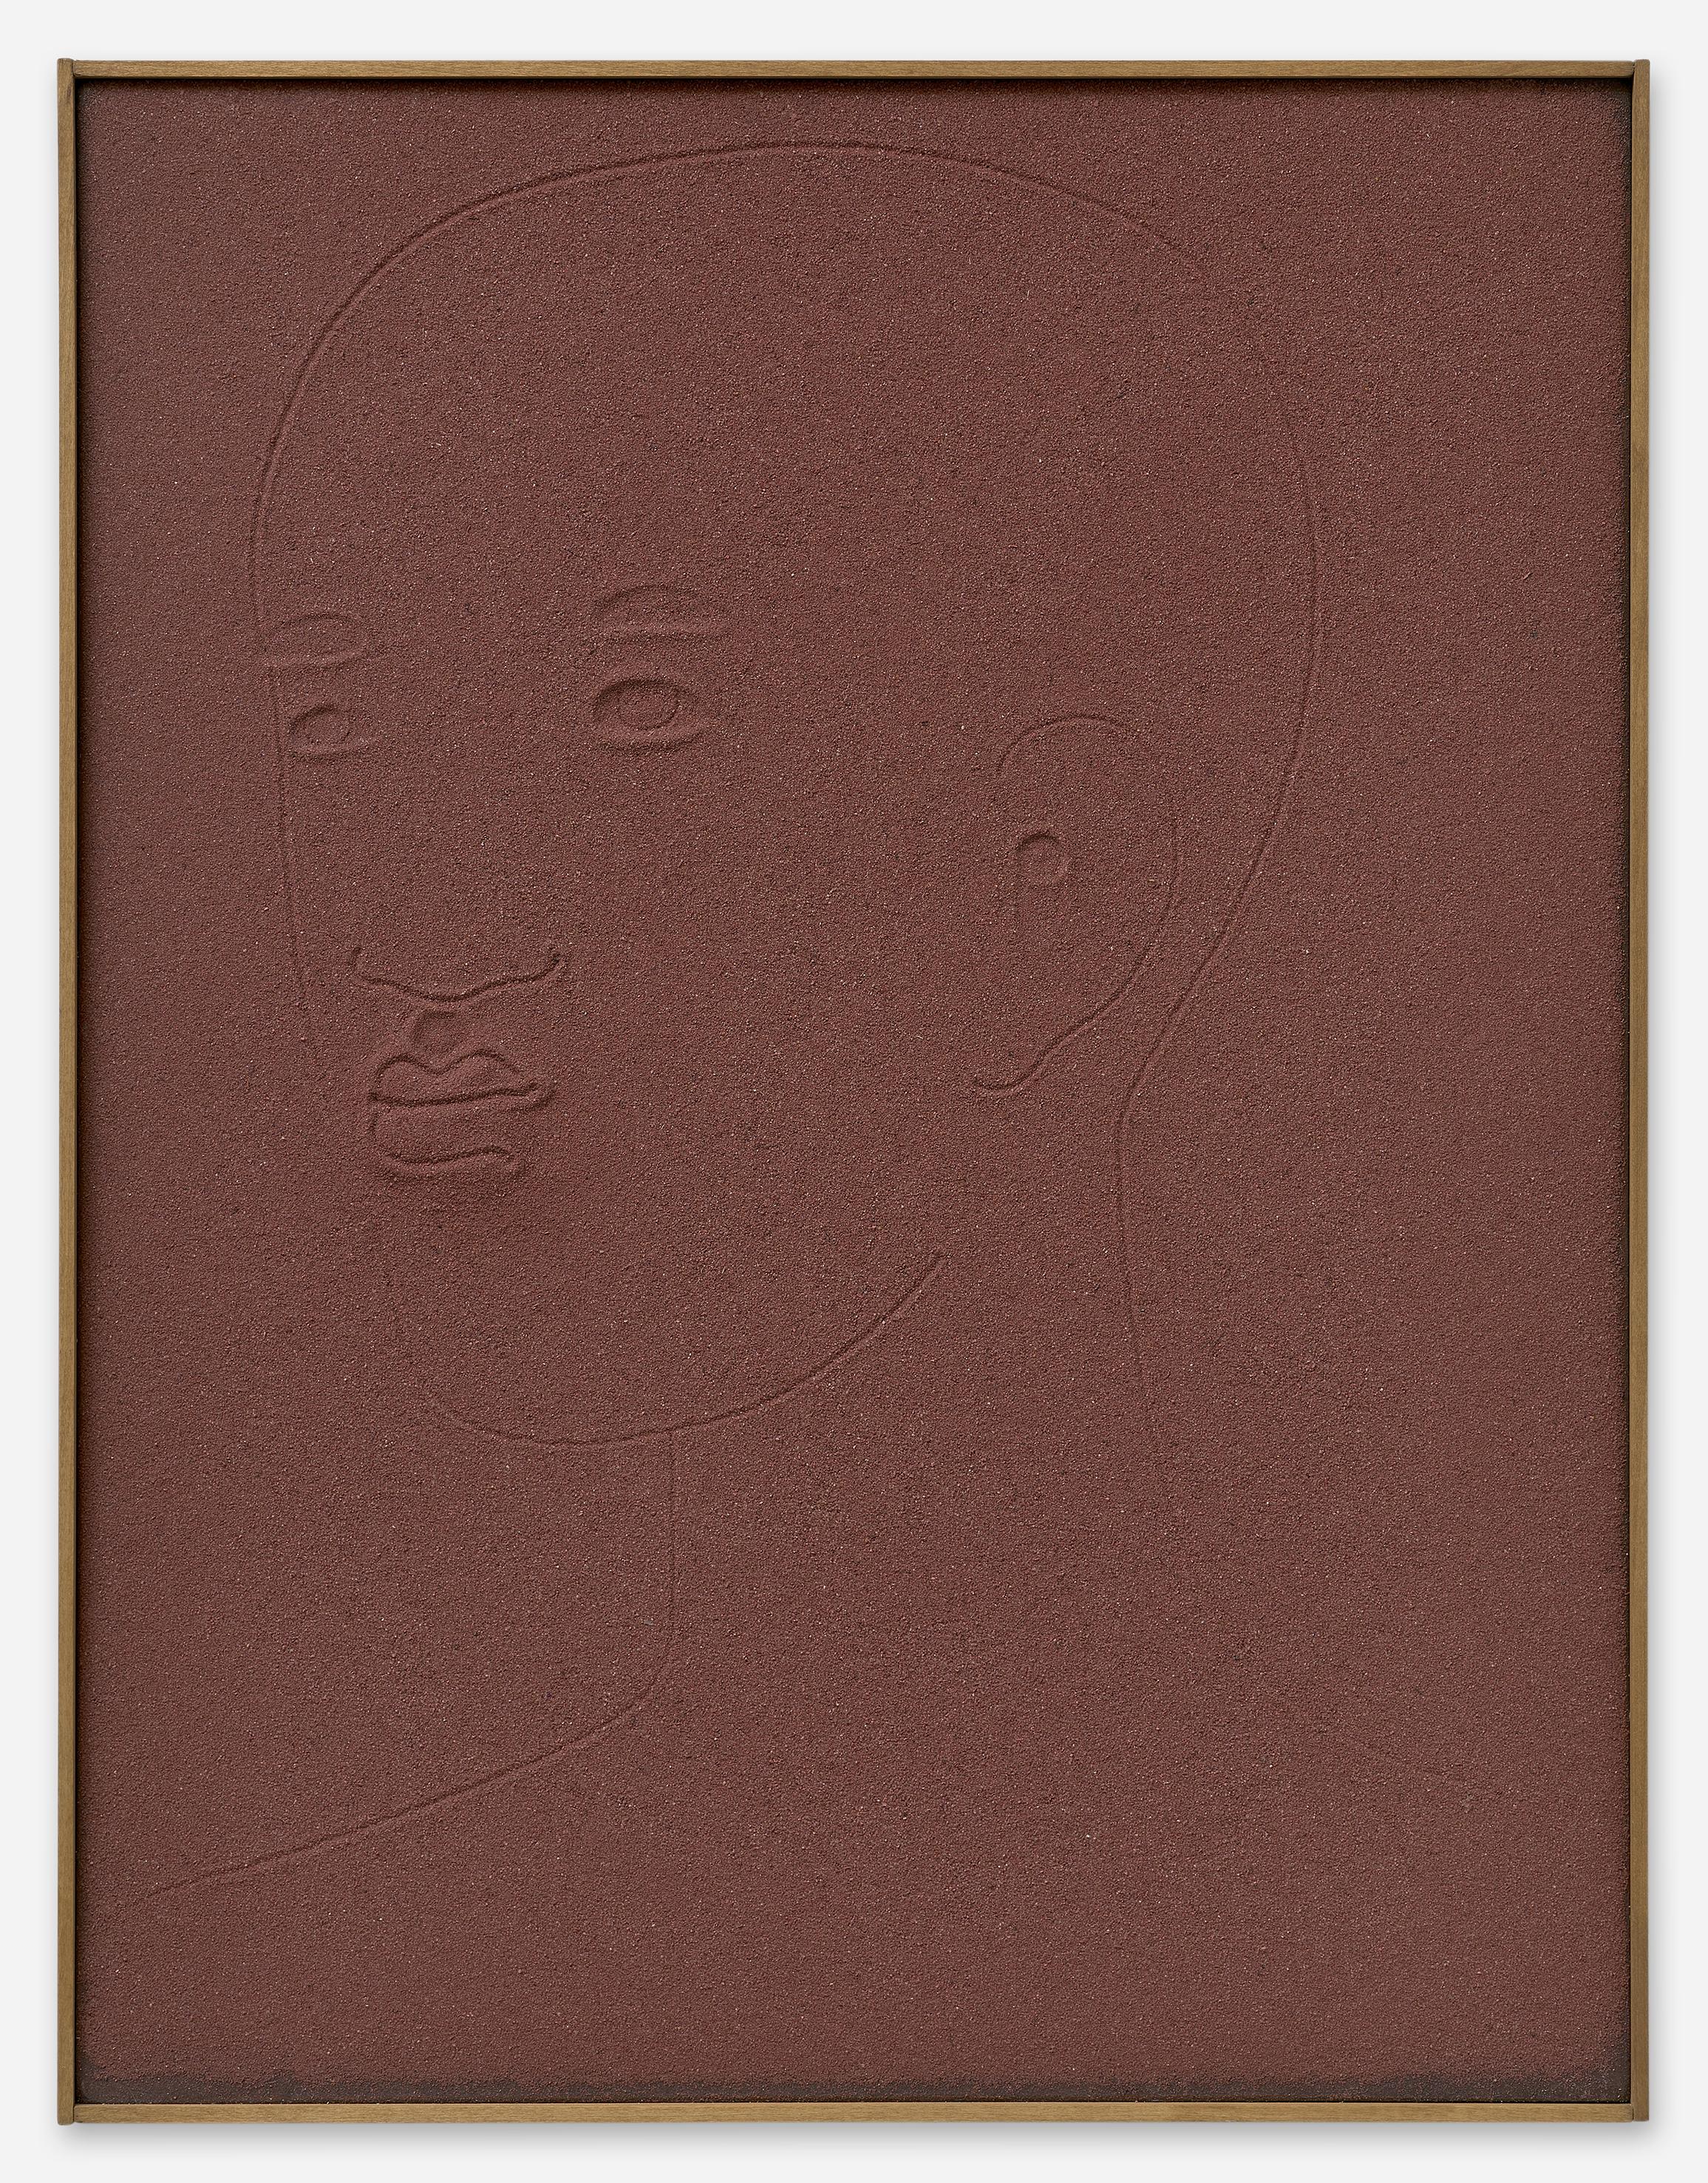 Peter Böhnisch, Ohne Titel, 2016,40 x 52 cm, Edelkorund und Pigment auf MDF, ©  Matthias Kolb